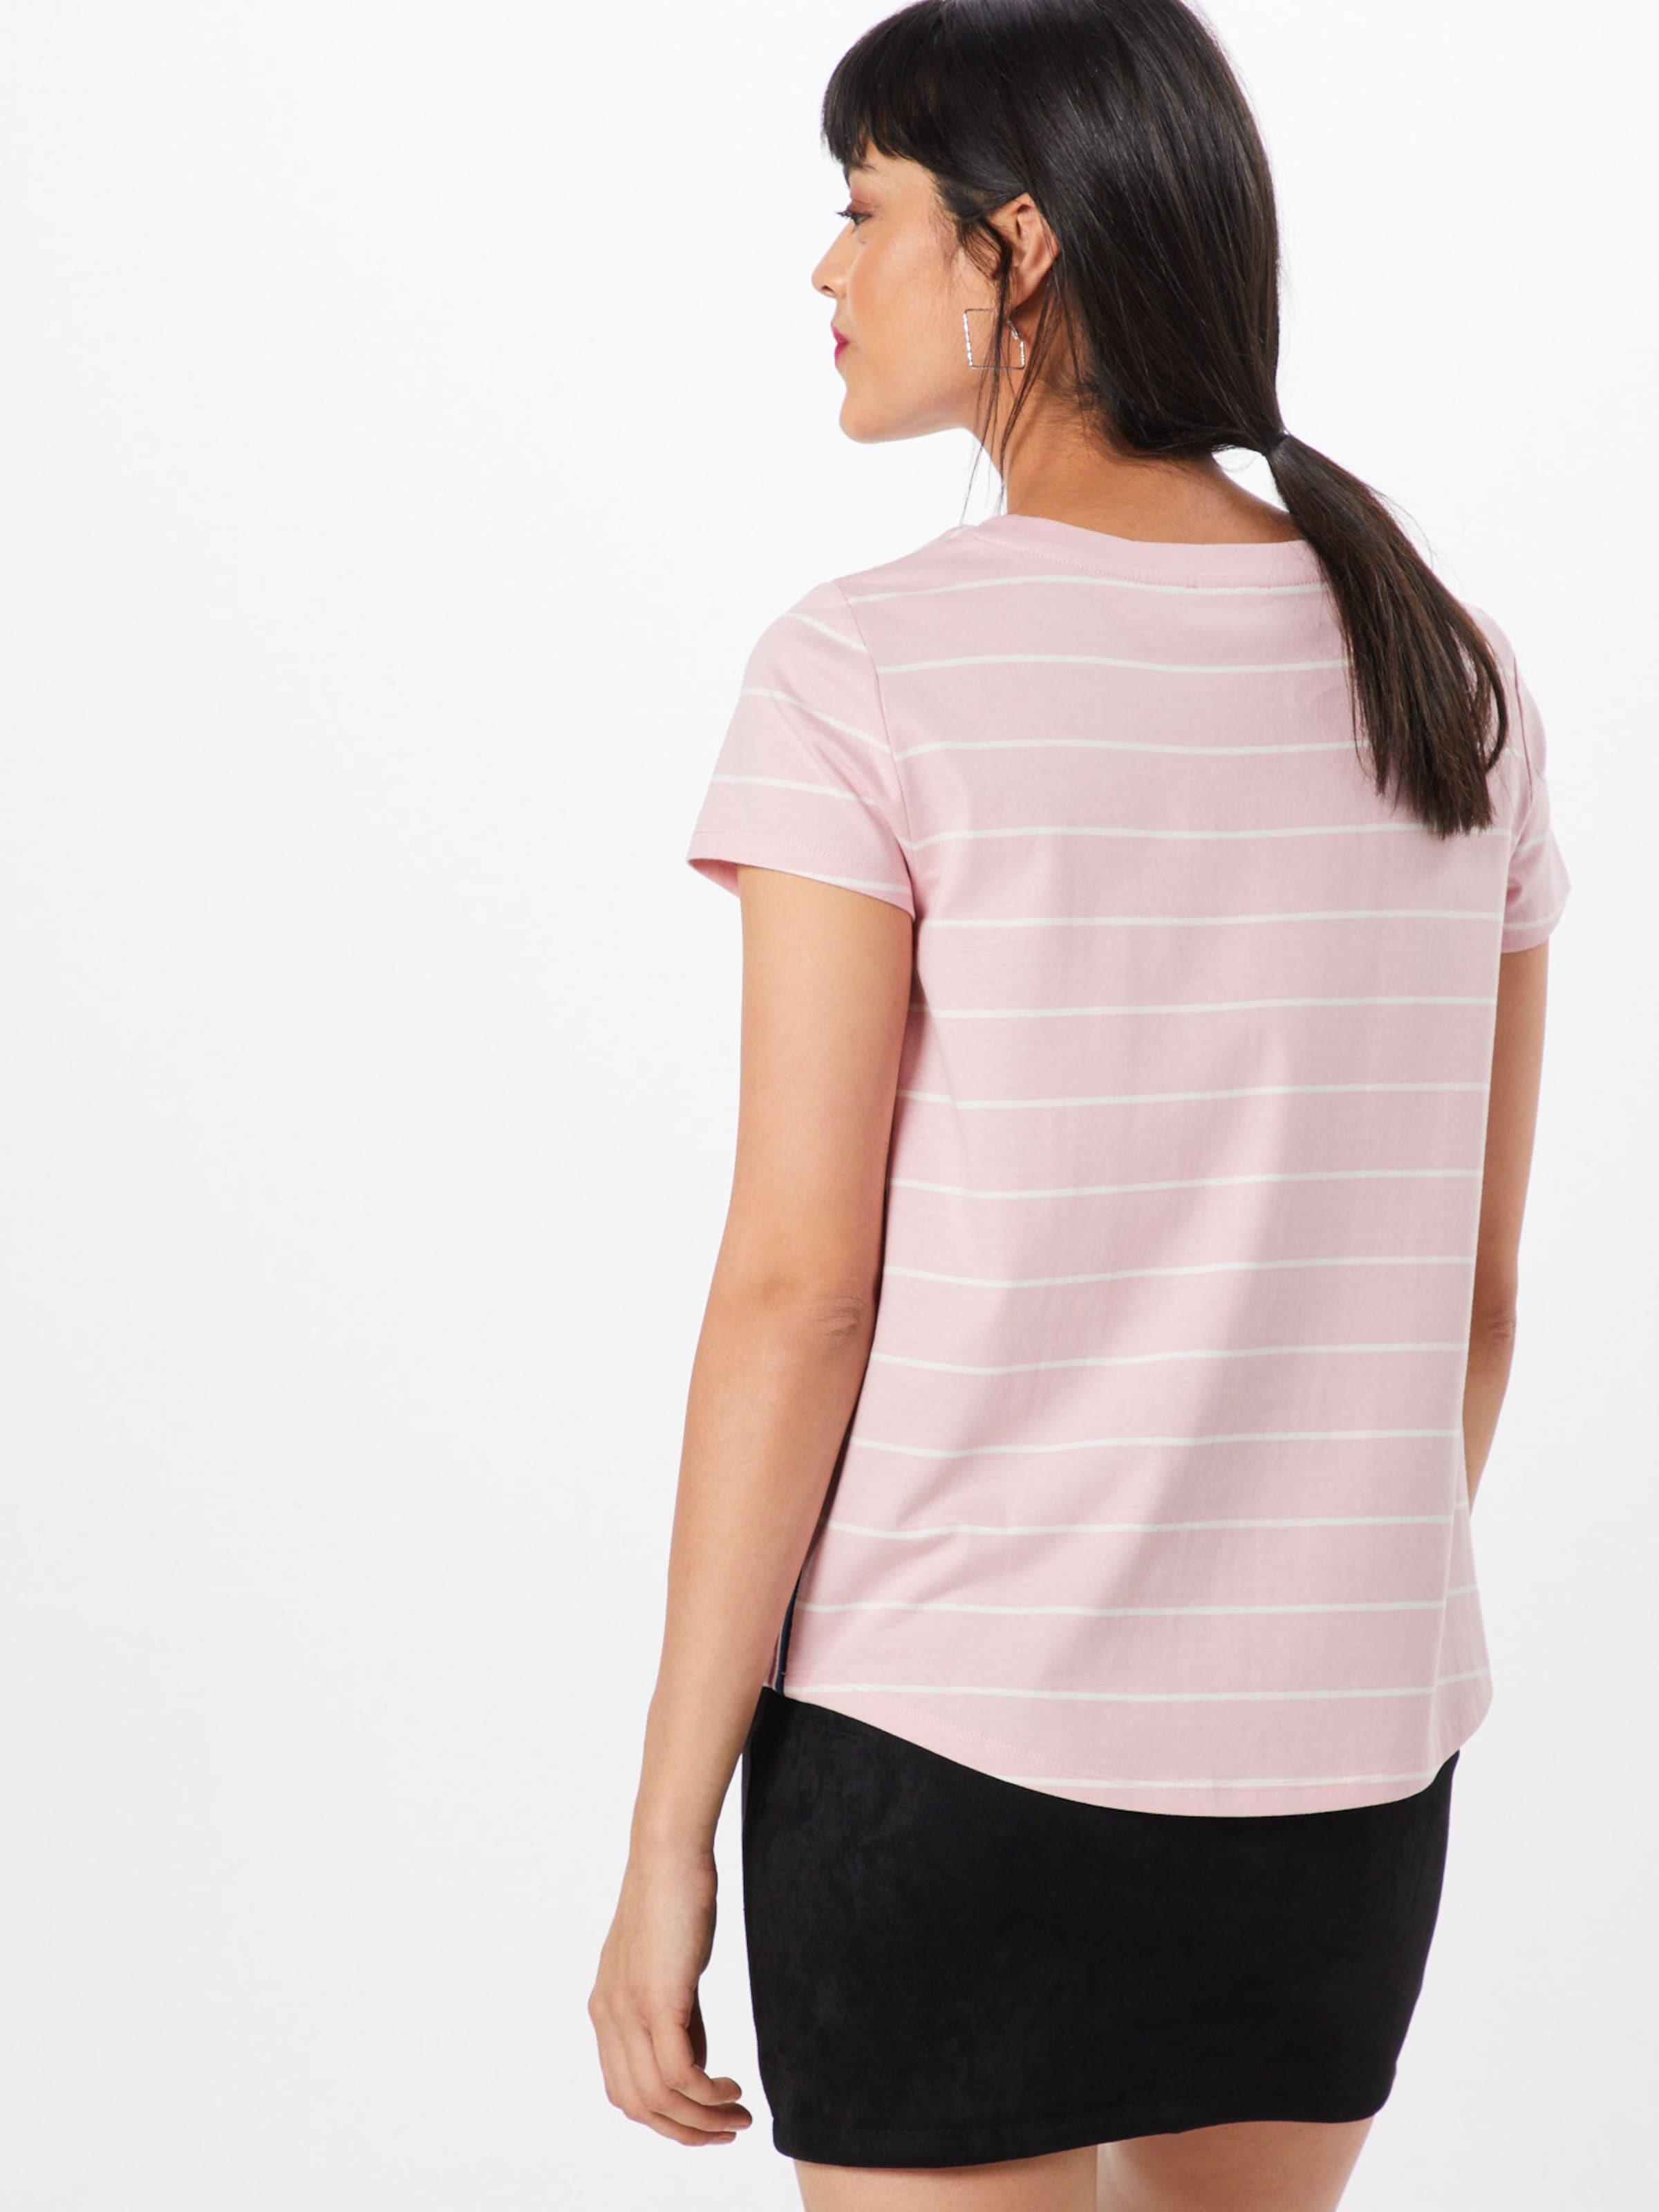 In In AltrosaWeiß AltrosaWeiß Esprit Shirt AltrosaWeiß Esprit In Shirt Esprit In Esprit Shirt Shirt gY6by7fv